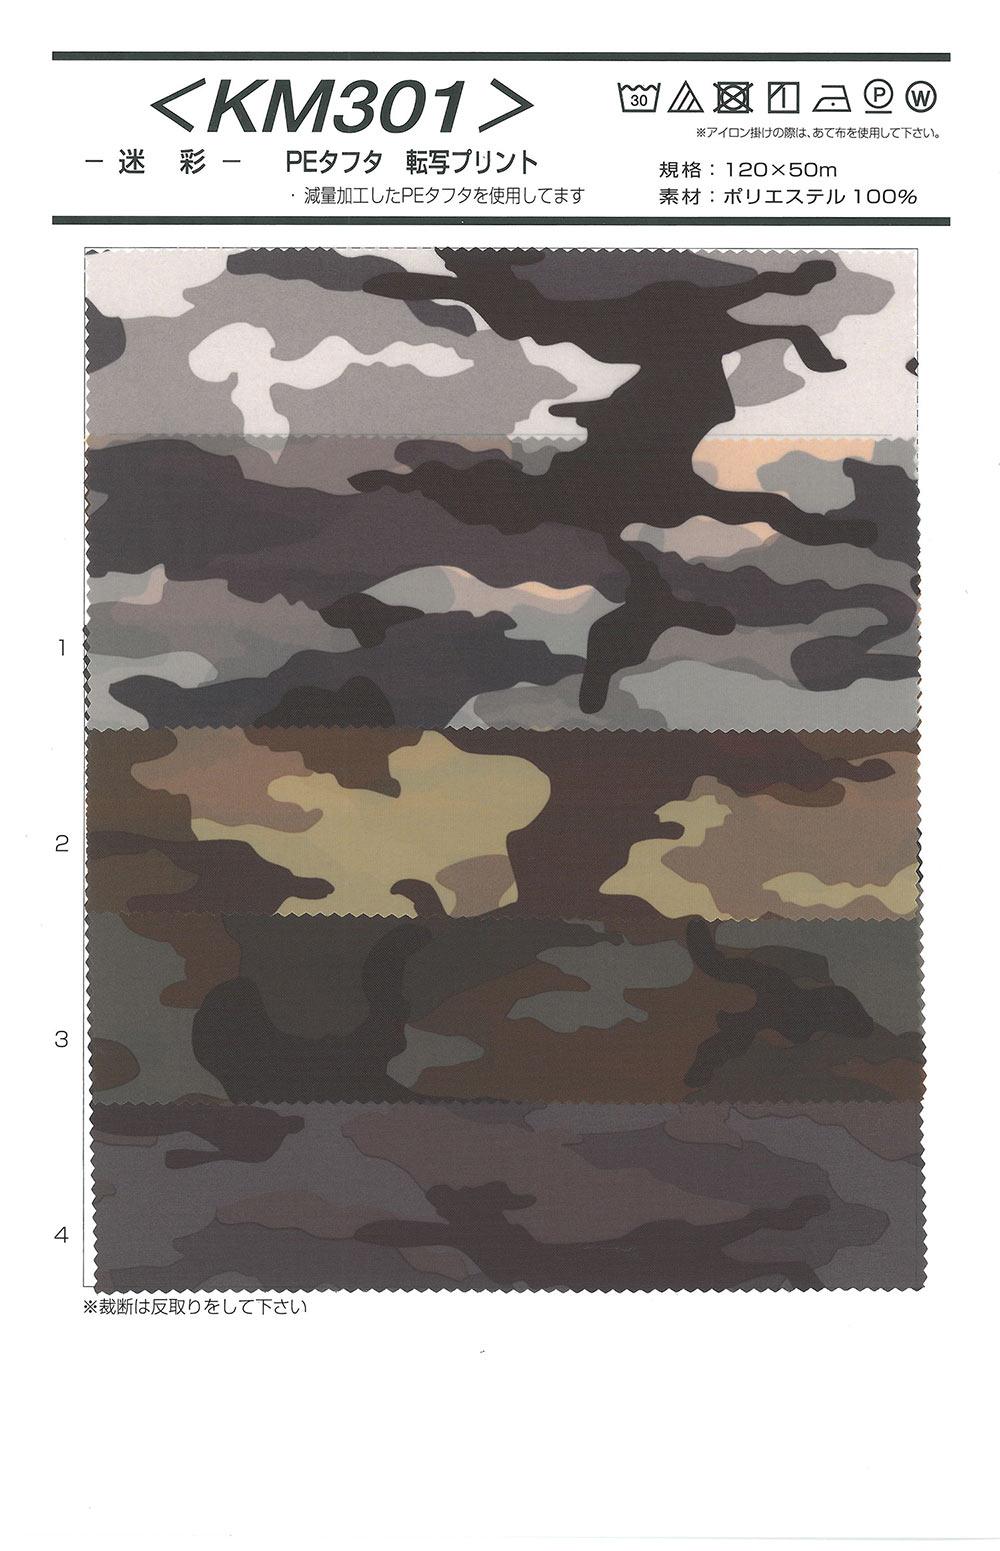 KM301 迷彩 PEタフタ 転写プリント裏地 ニシヤマ/オークラ商事 - ApparelX アパレル資材卸通販